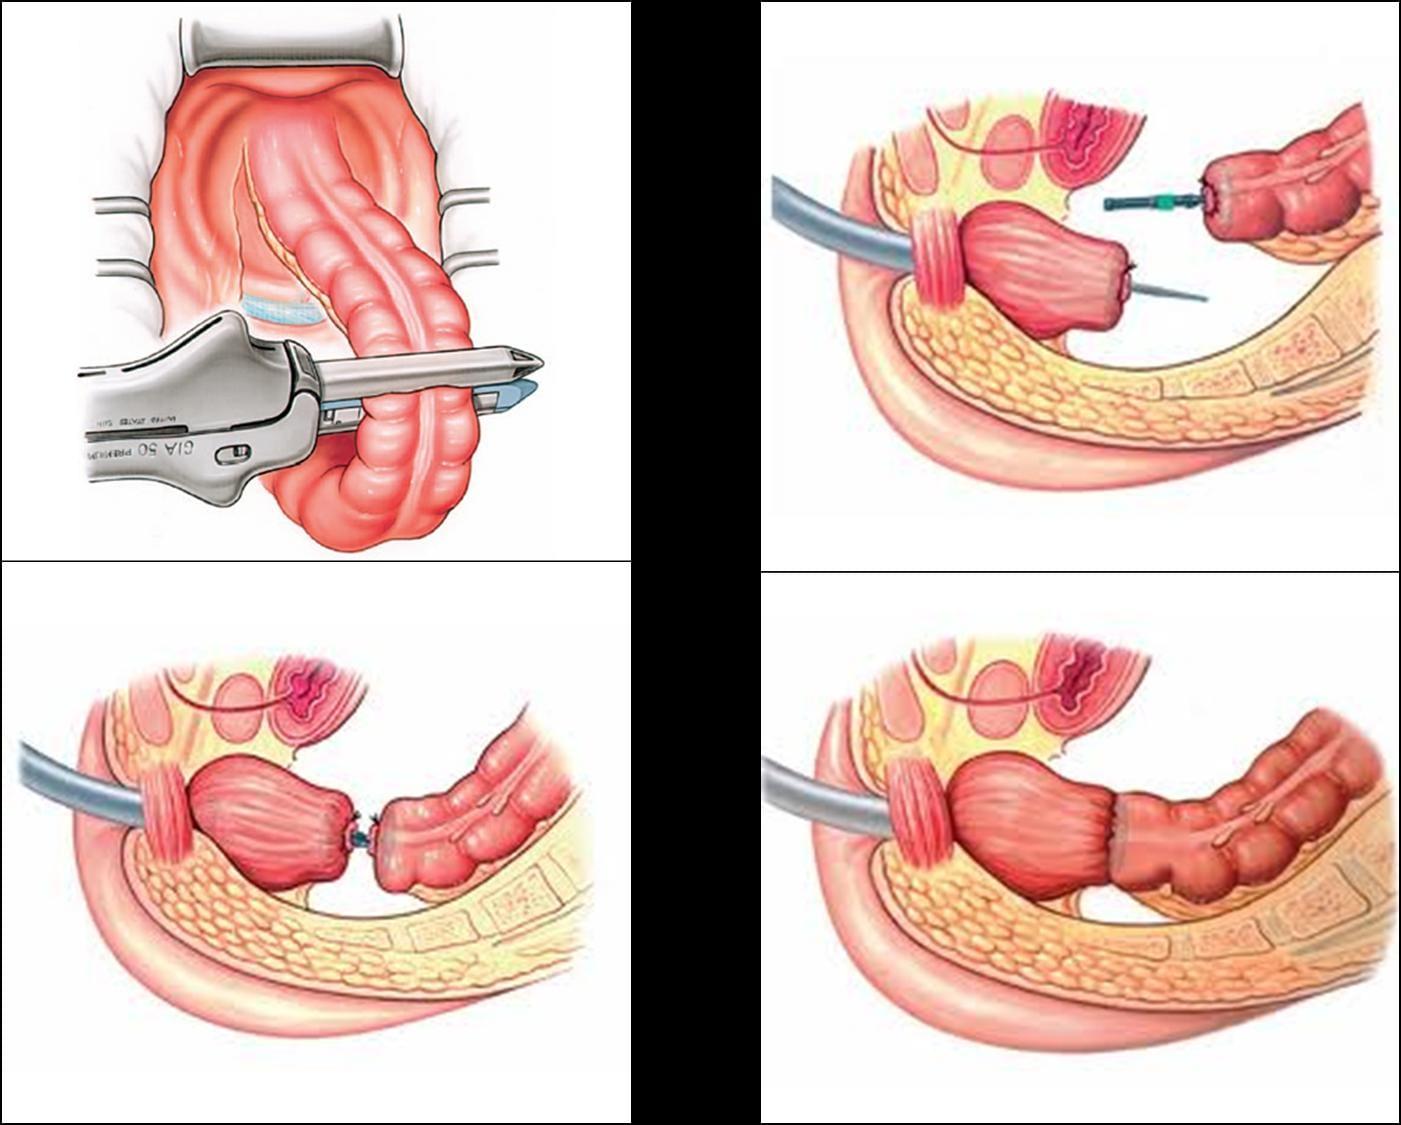 recidiva cancer colon